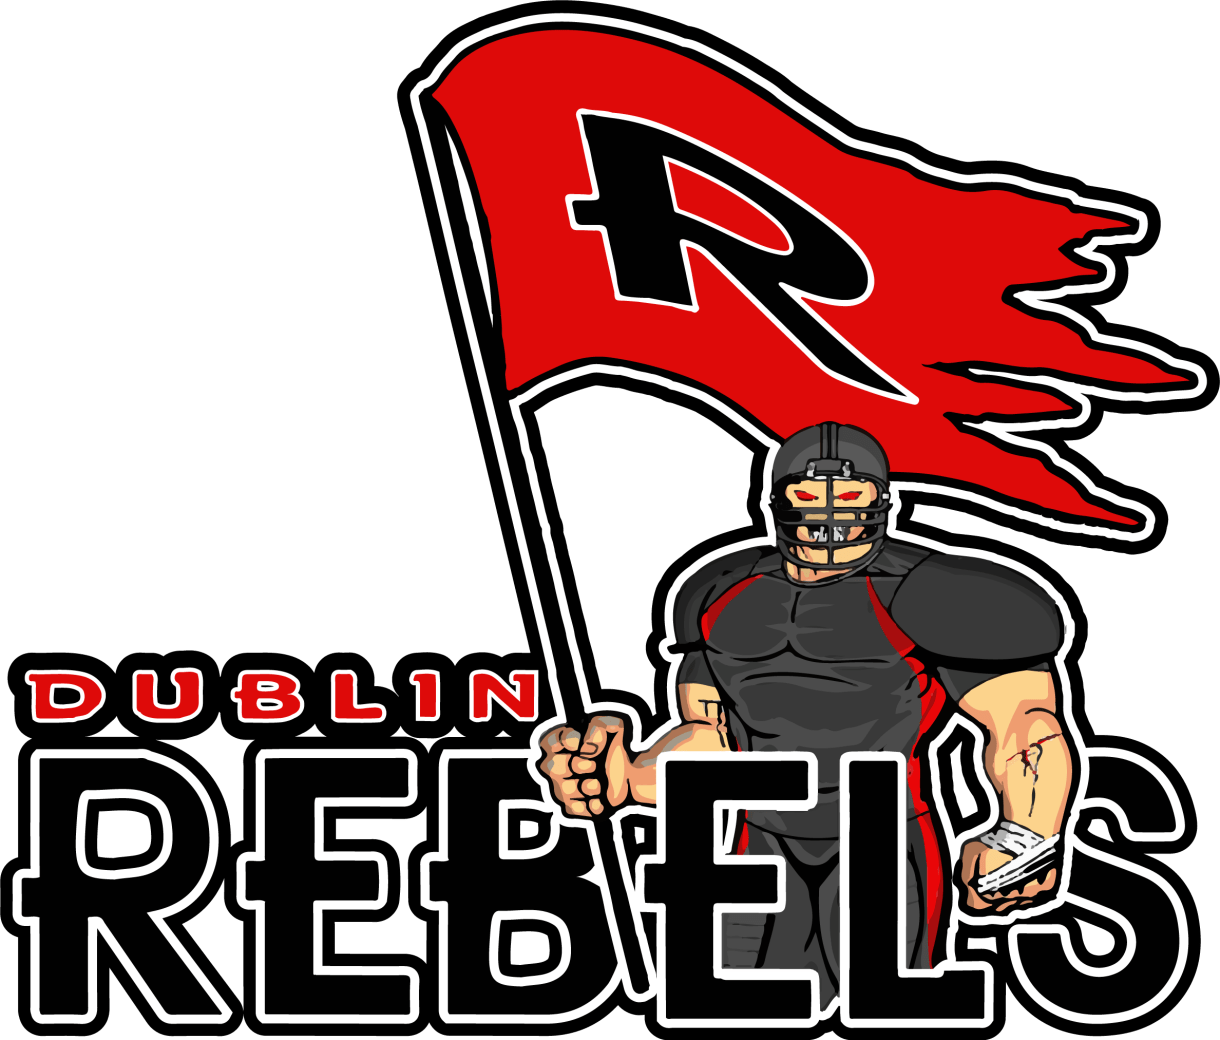 team-logo-dublin-rebels-2